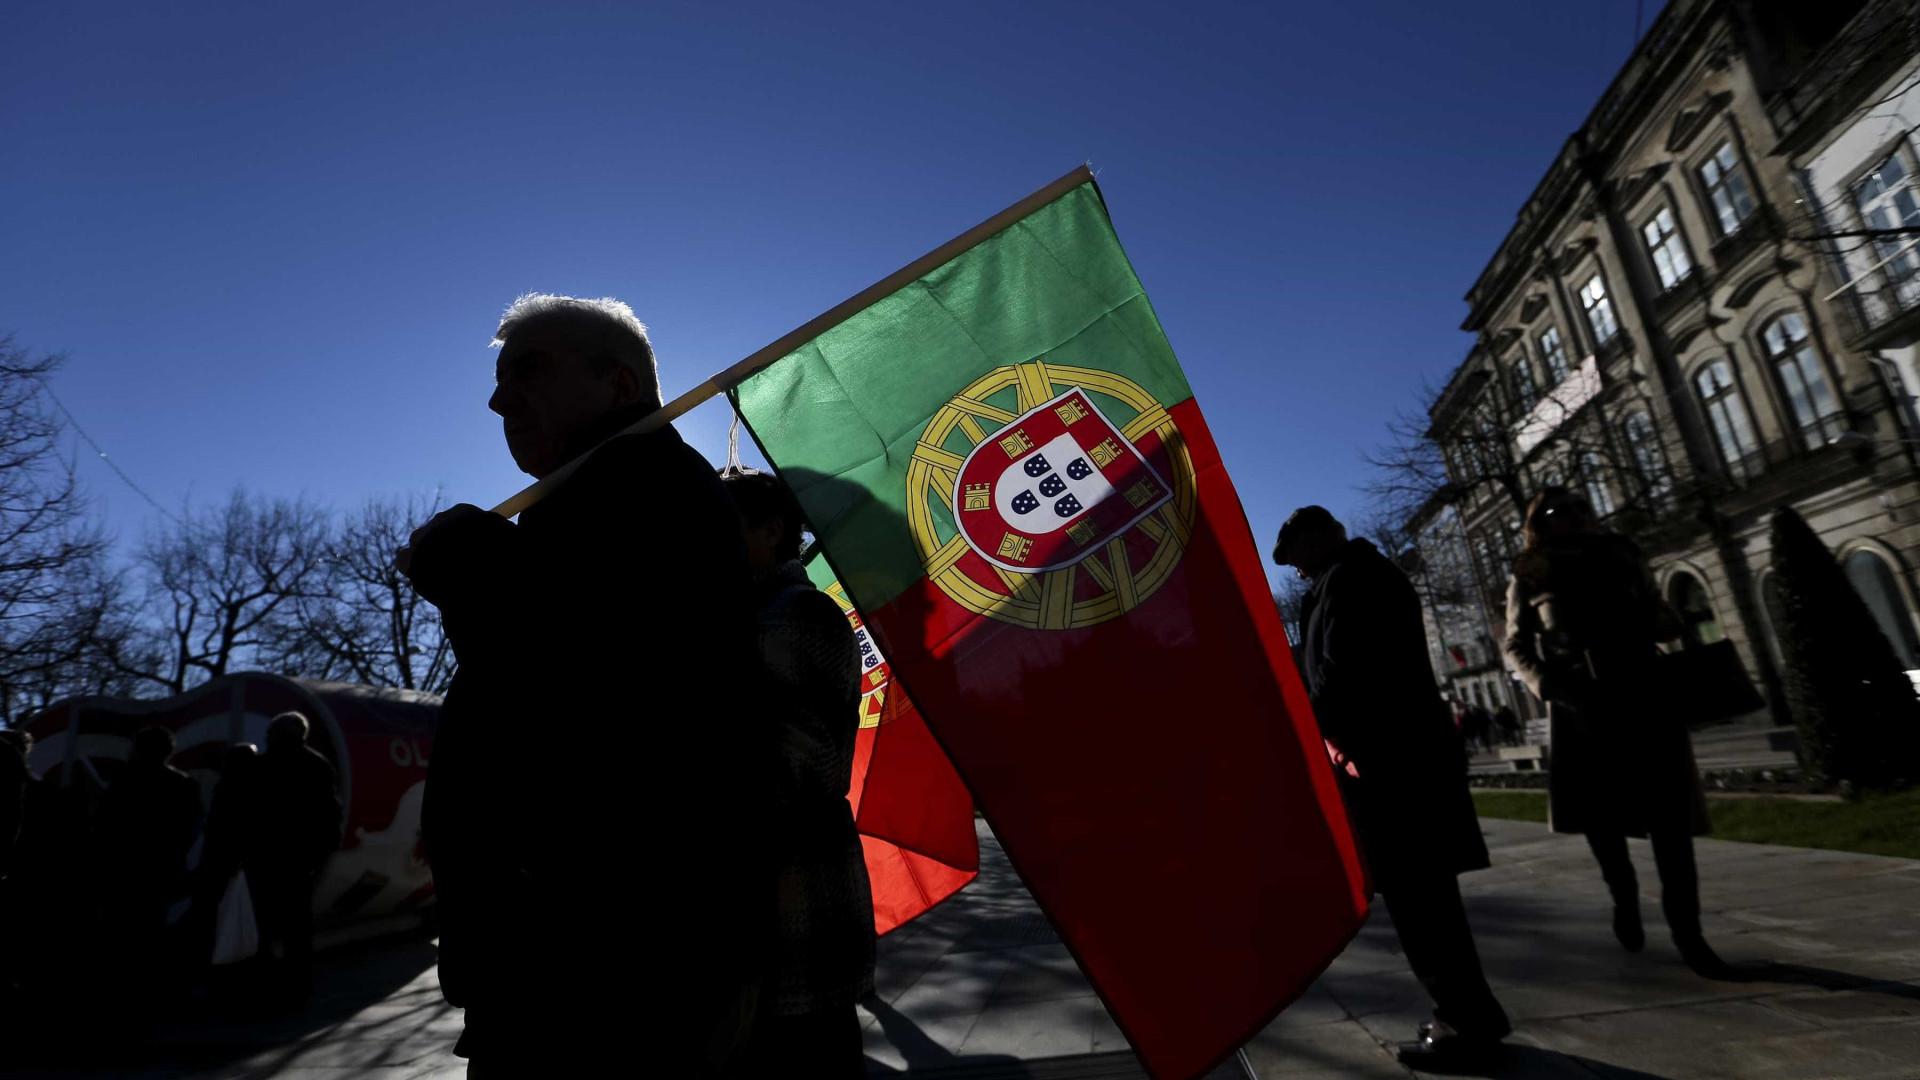 Défice comercial português engordou e já é um dos maiores da Europa